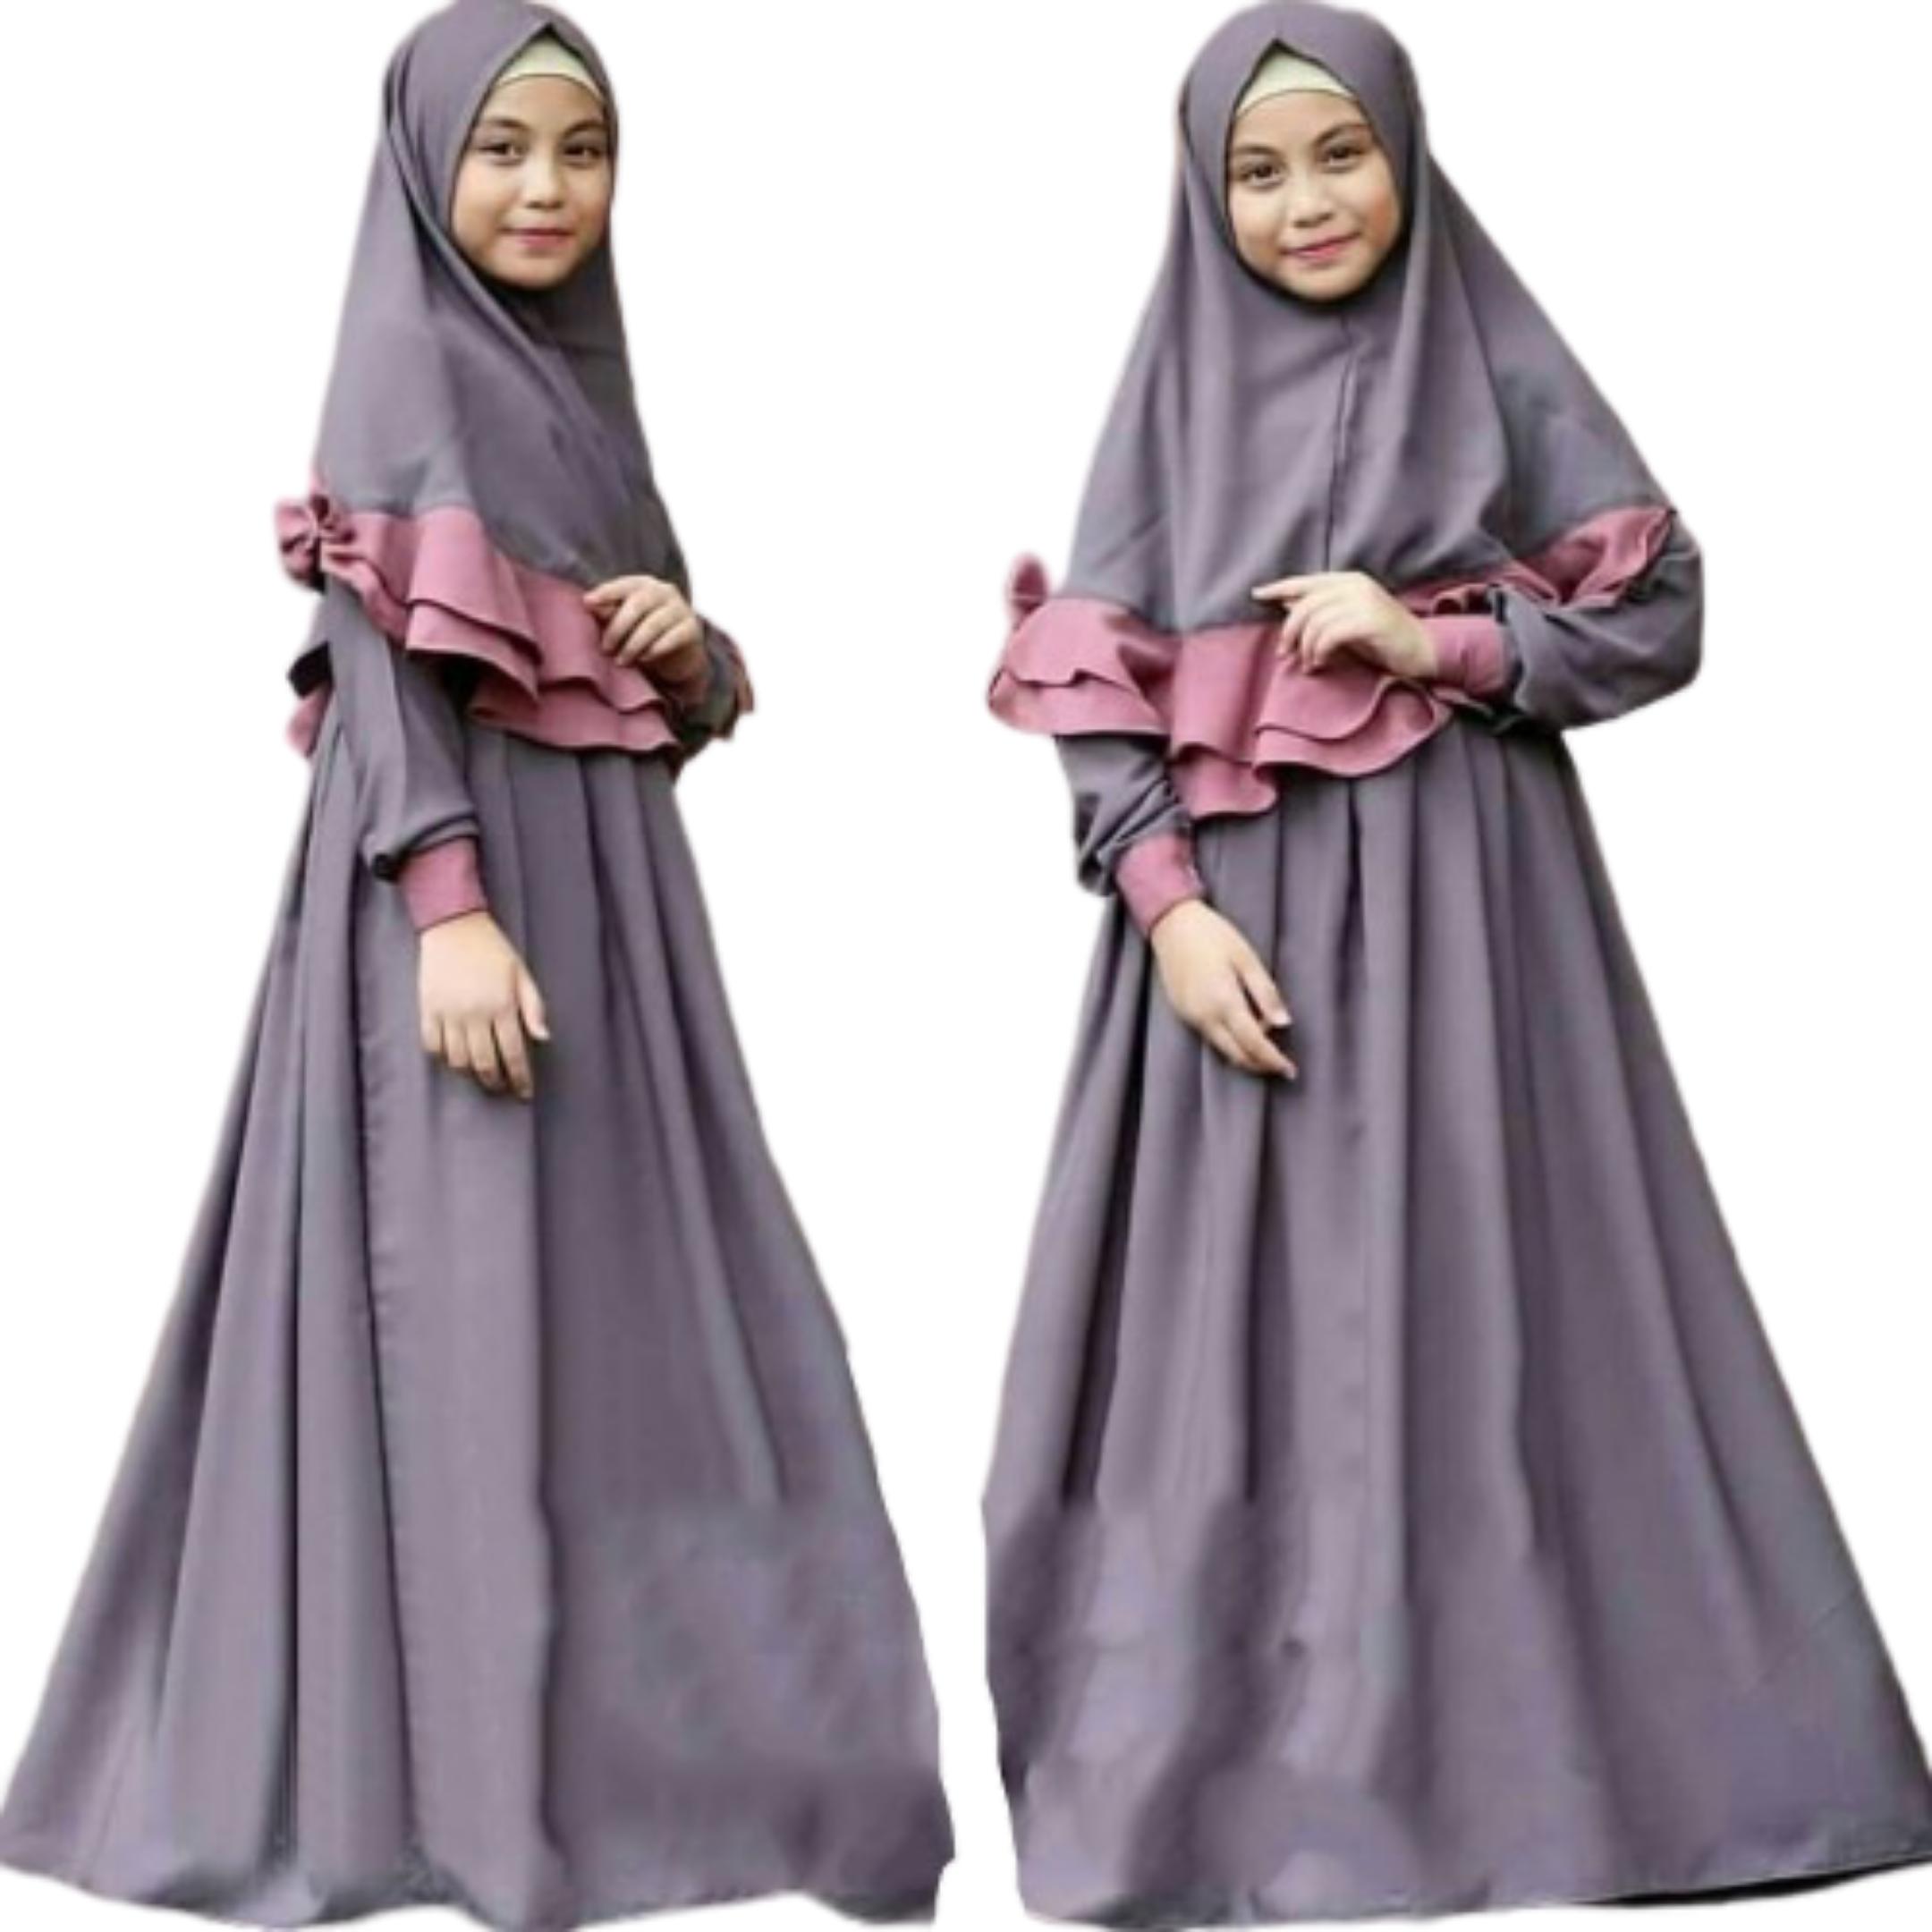 Gamis anak terbaru 10 / Model gamis anak terbaru 10 / Baju anak  perempuan terbaru 10 / Baju muslim anank perempuan terbaru / Gamis anak  remaja /